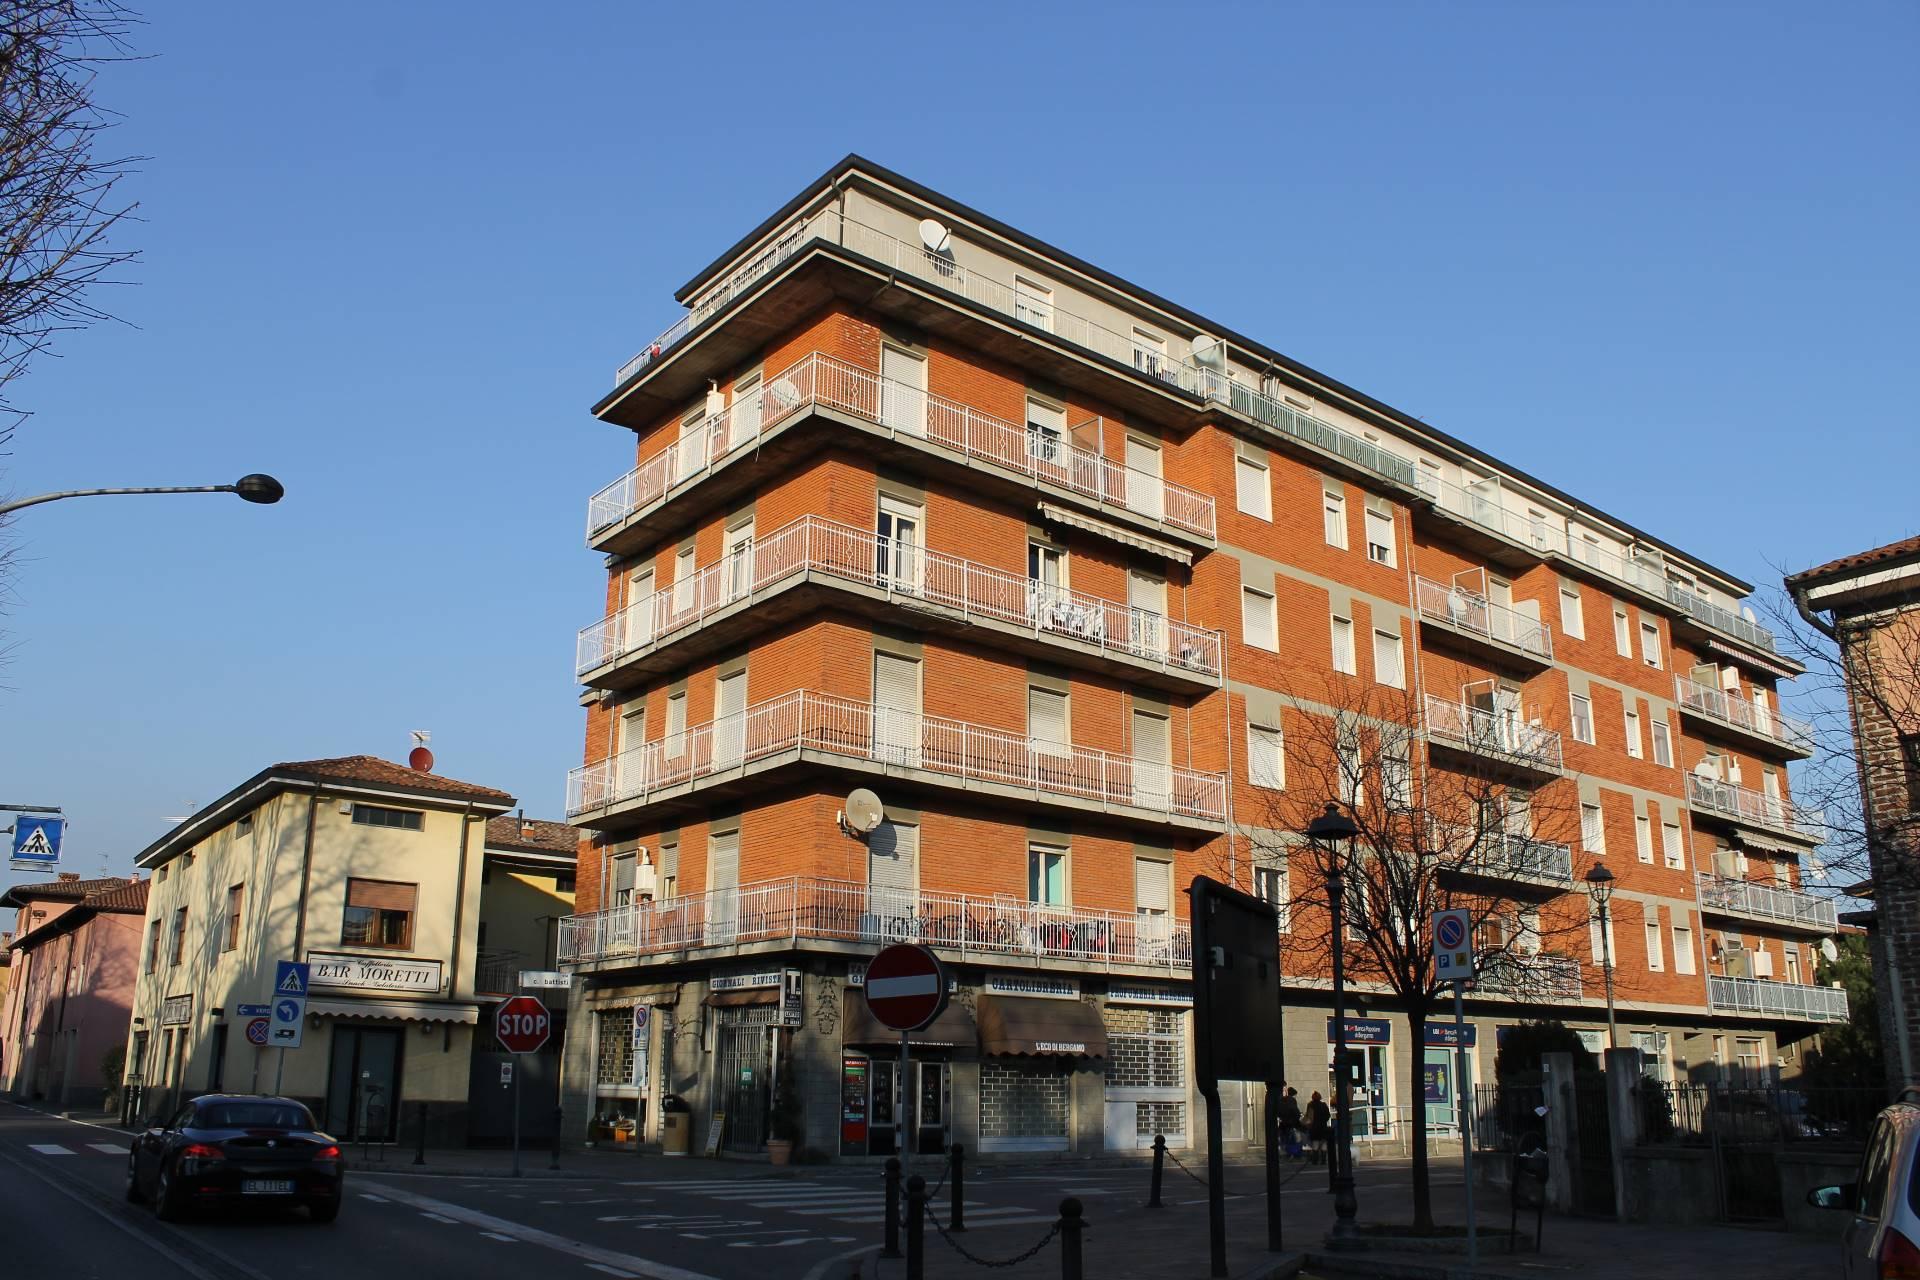 Appartamento in vendita a Comun Nuovo, 4 locali, prezzo € 56.000 | CambioCasa.it